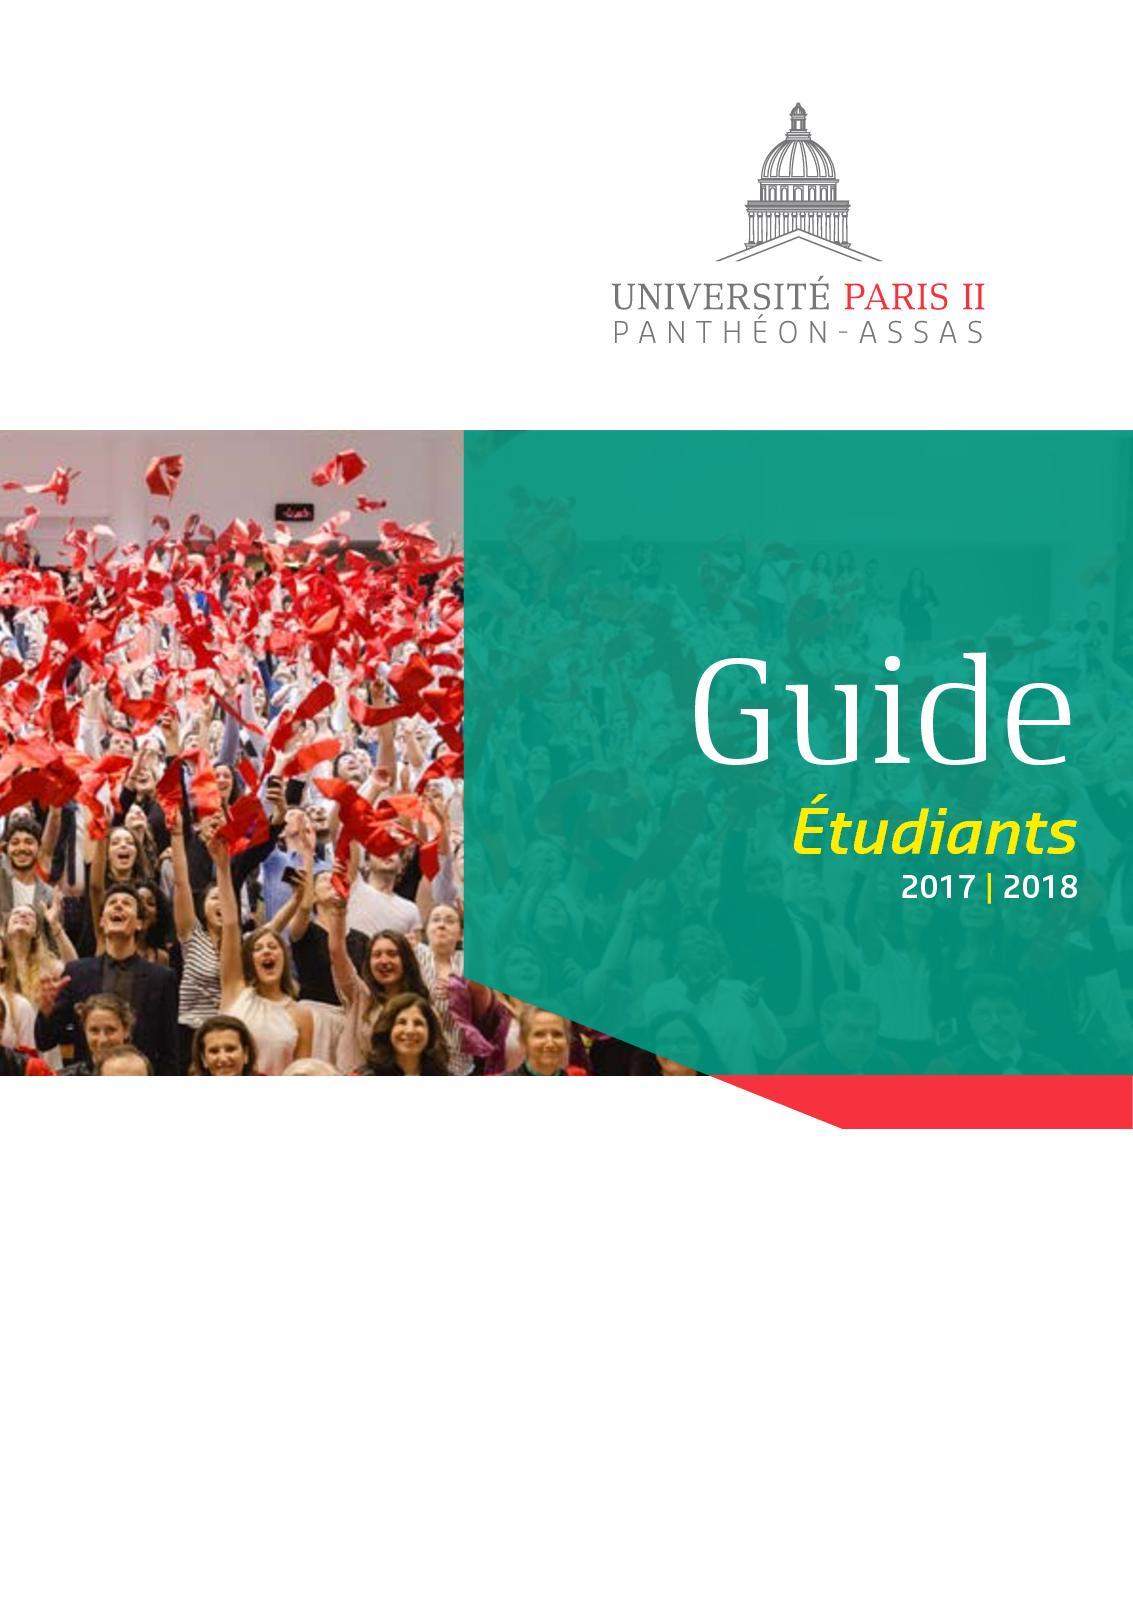 Assas Calendrier Universitaire.Calameo Guide De L Etudiant 2017 Up2pa